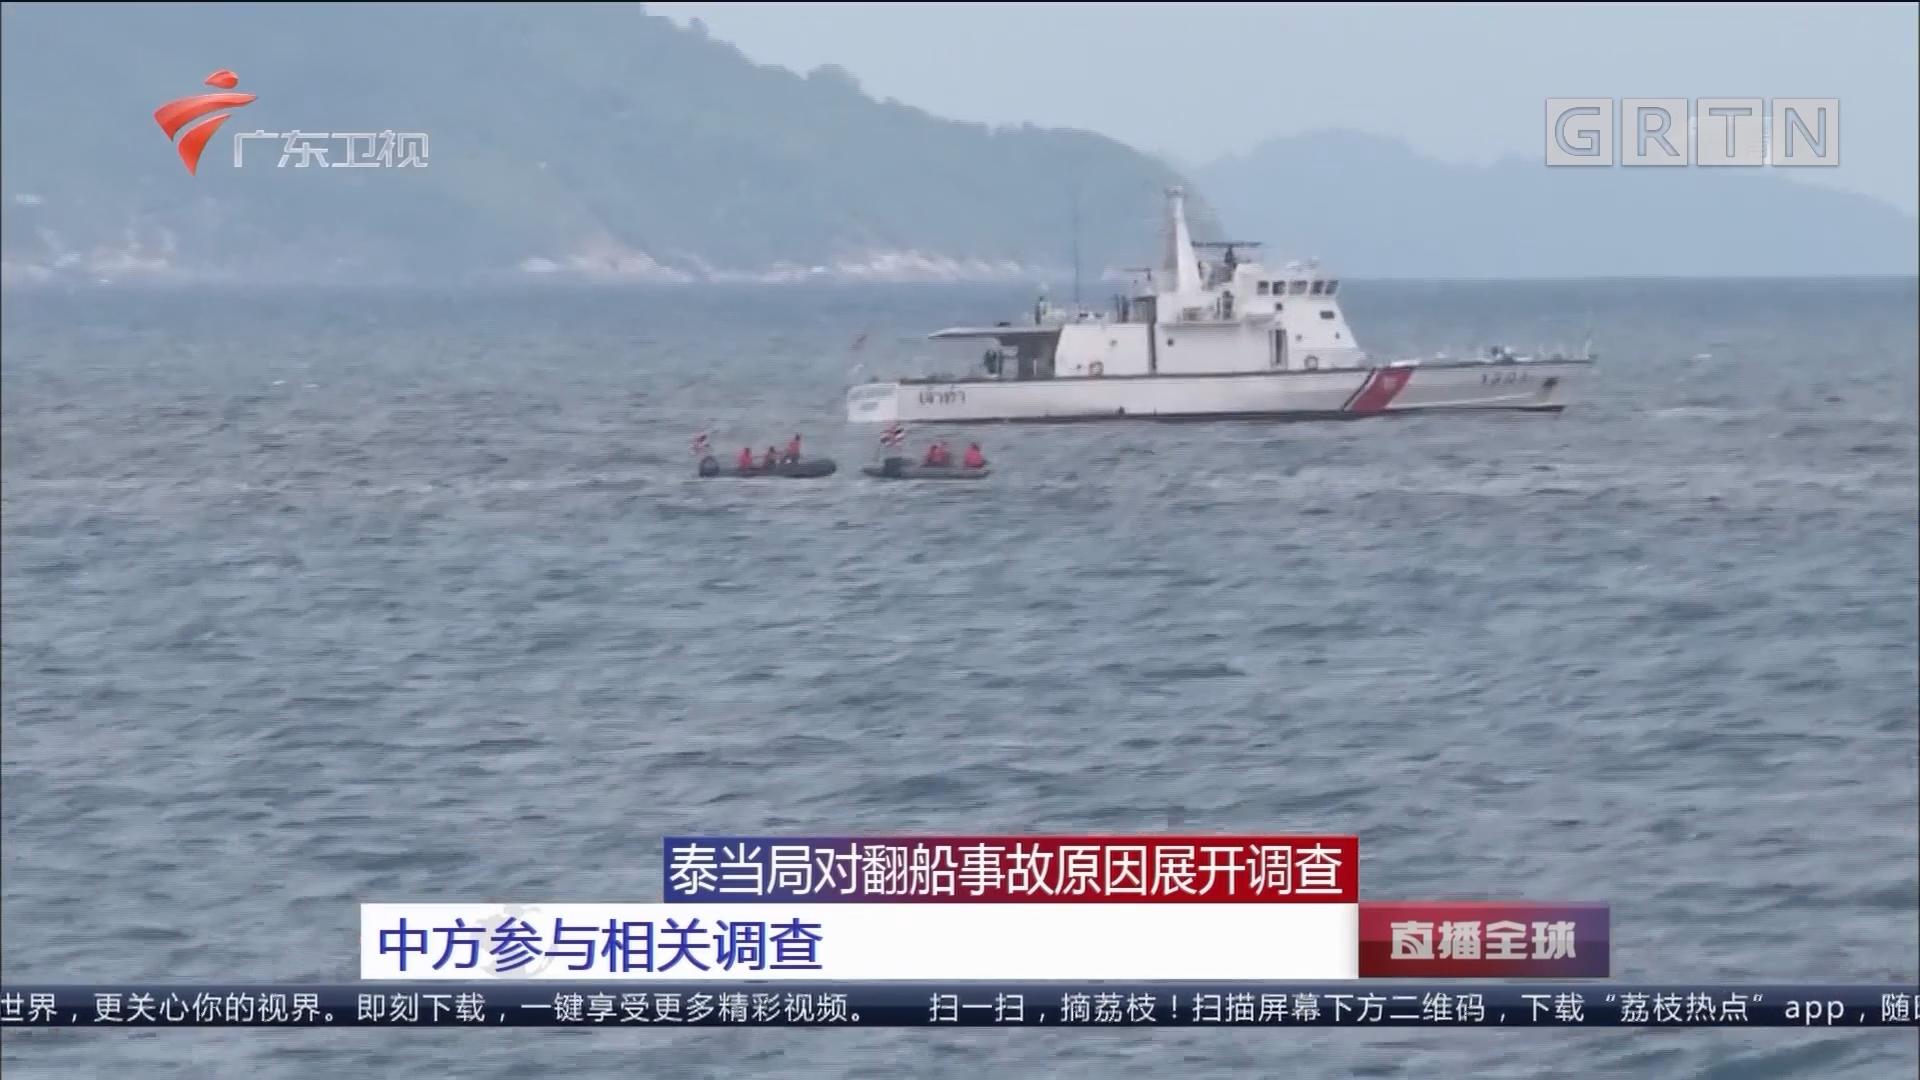 泰当局对翻船事故原因展开调查:中方参与相关调查